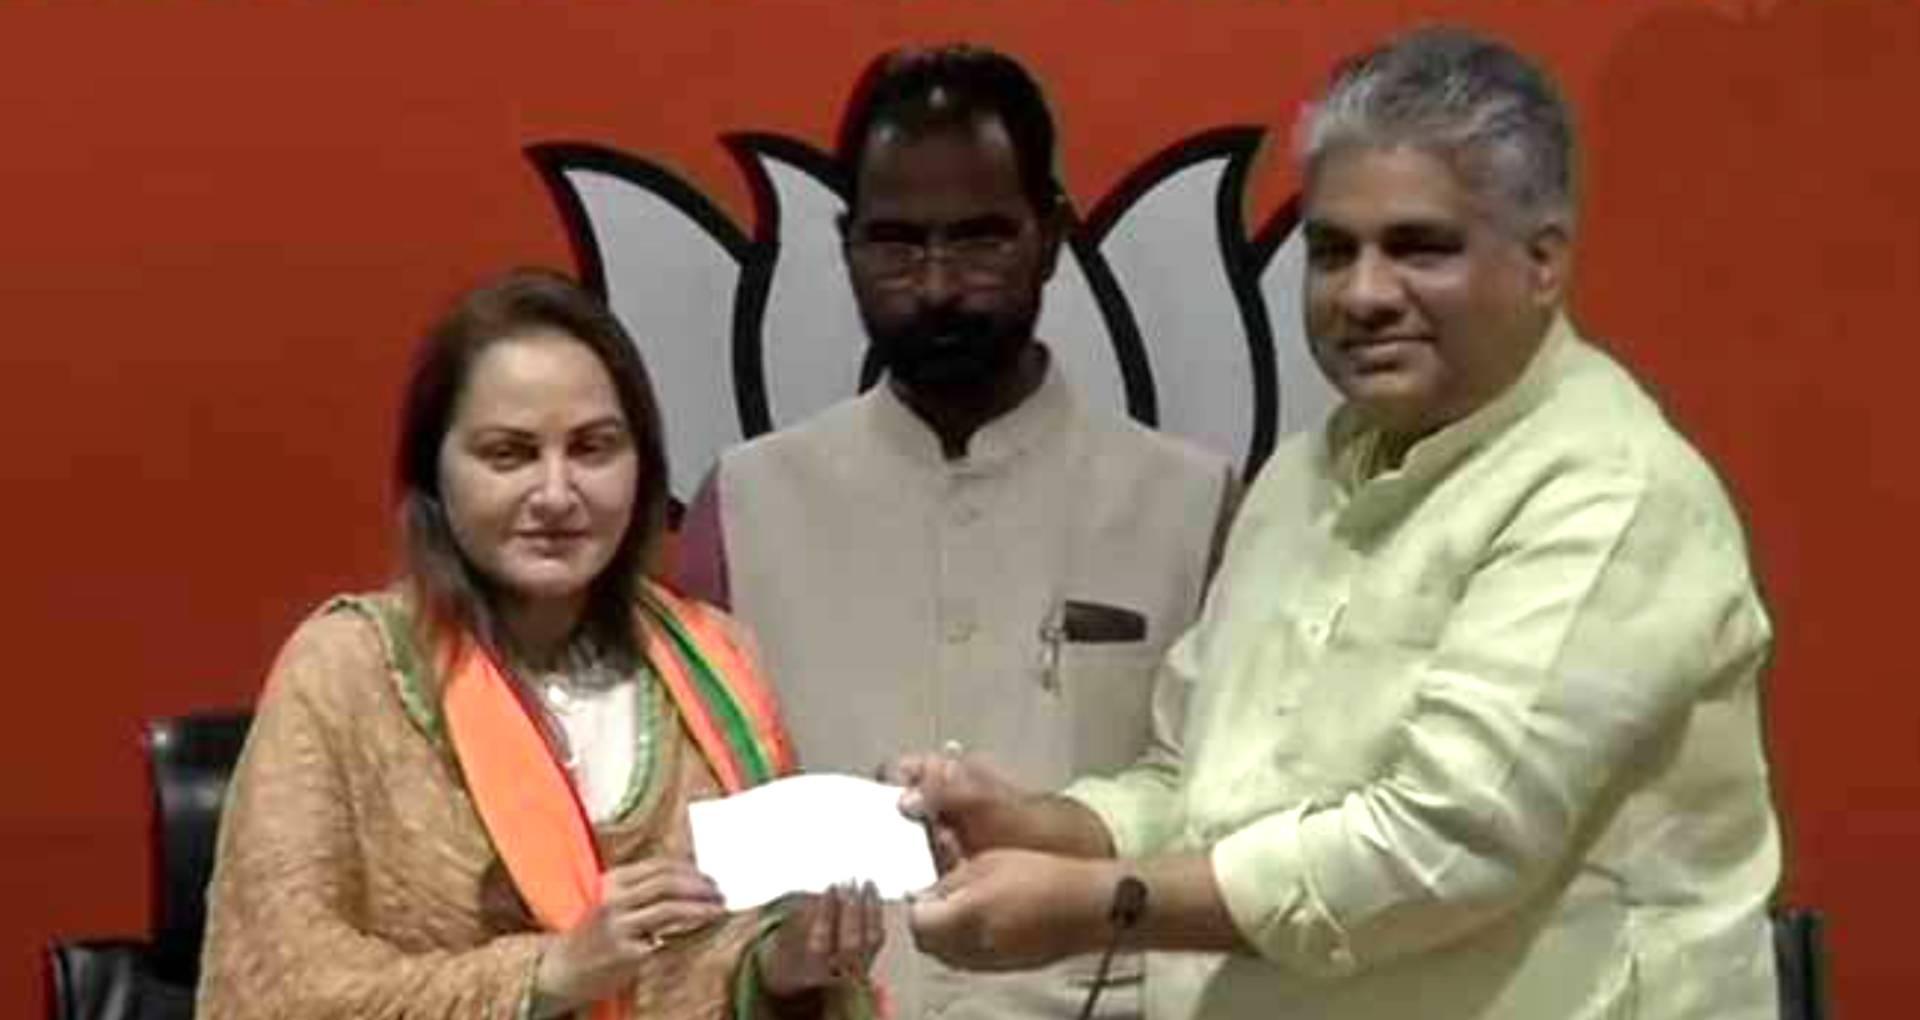 भाजपा में शामिल हुई समाजवादी पार्टी की नेता-एक्ट्रेस जया प्रदा, उत्तर प्रदेश के इस सीट से लड़ेंगी लोकसभा चुनाव